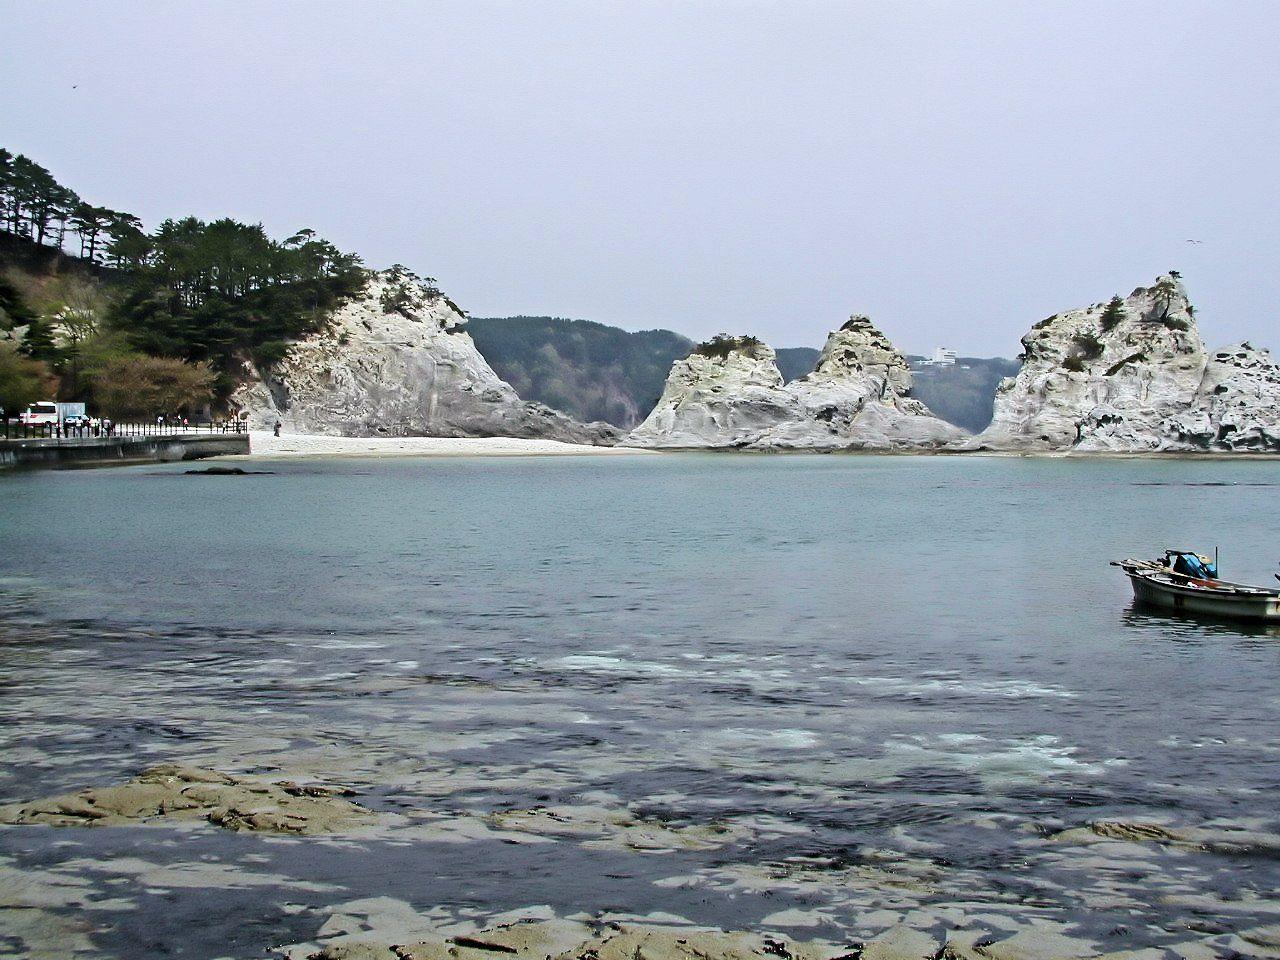 浄土ヶ浜の素晴らしい景観を伝えるため環境省が整備したビジターセンター